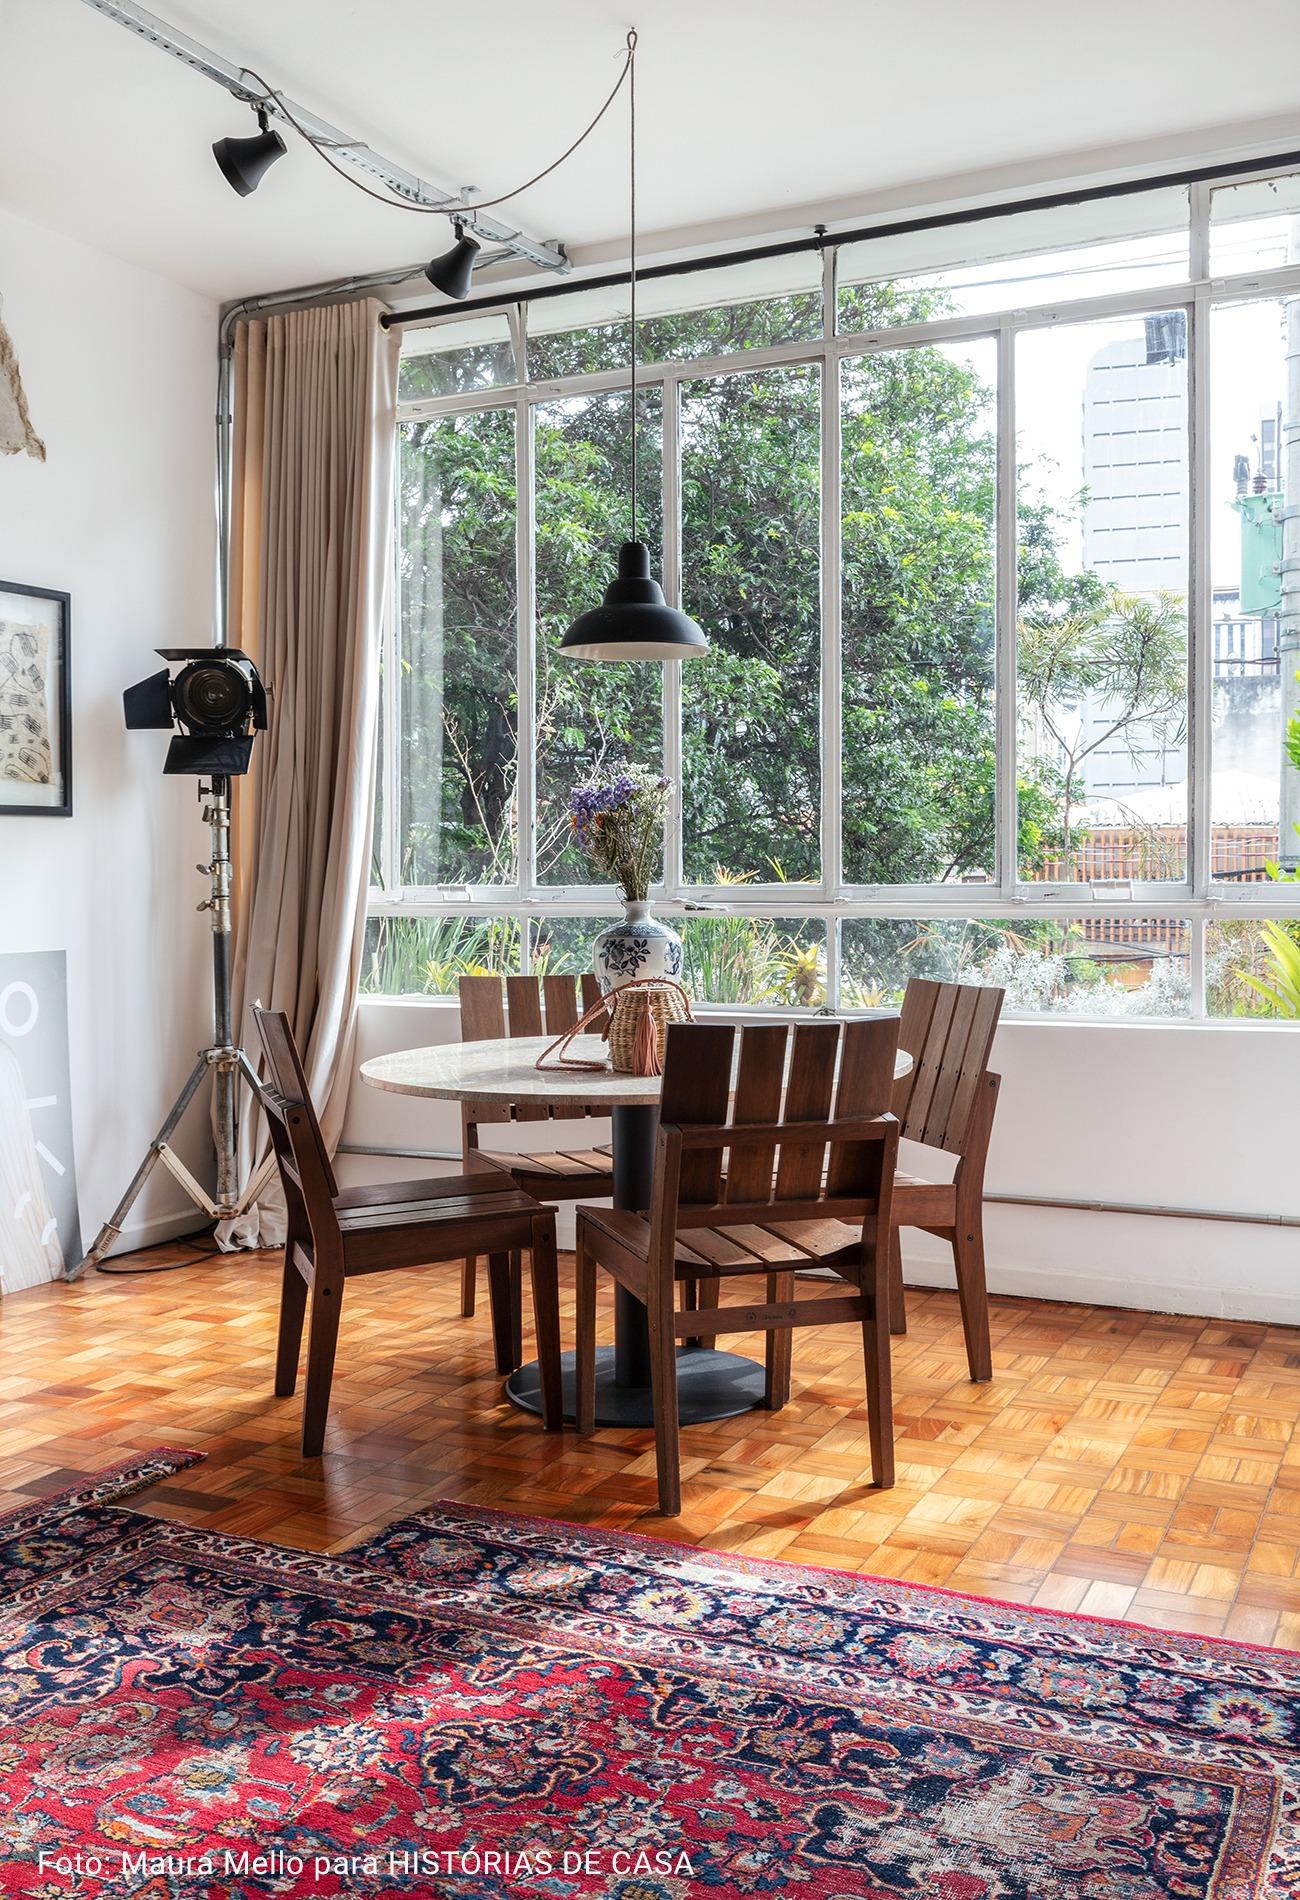 sala de jantar com mesa redonda de madeira